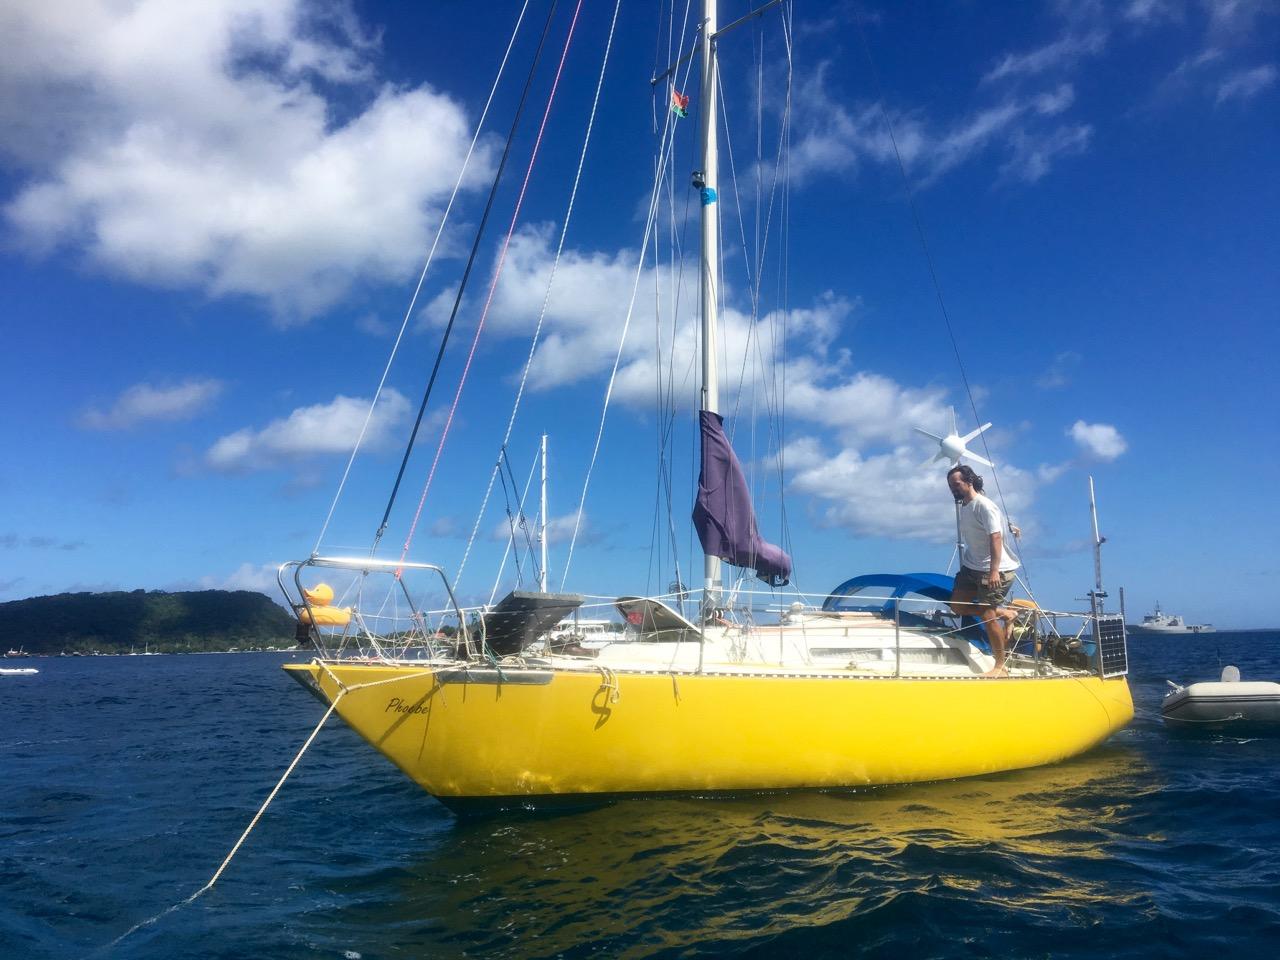 Phoebe eine 26 Fuss lange Bianca von Paul Elvström, Jans Boot für seine Weltumsegelung